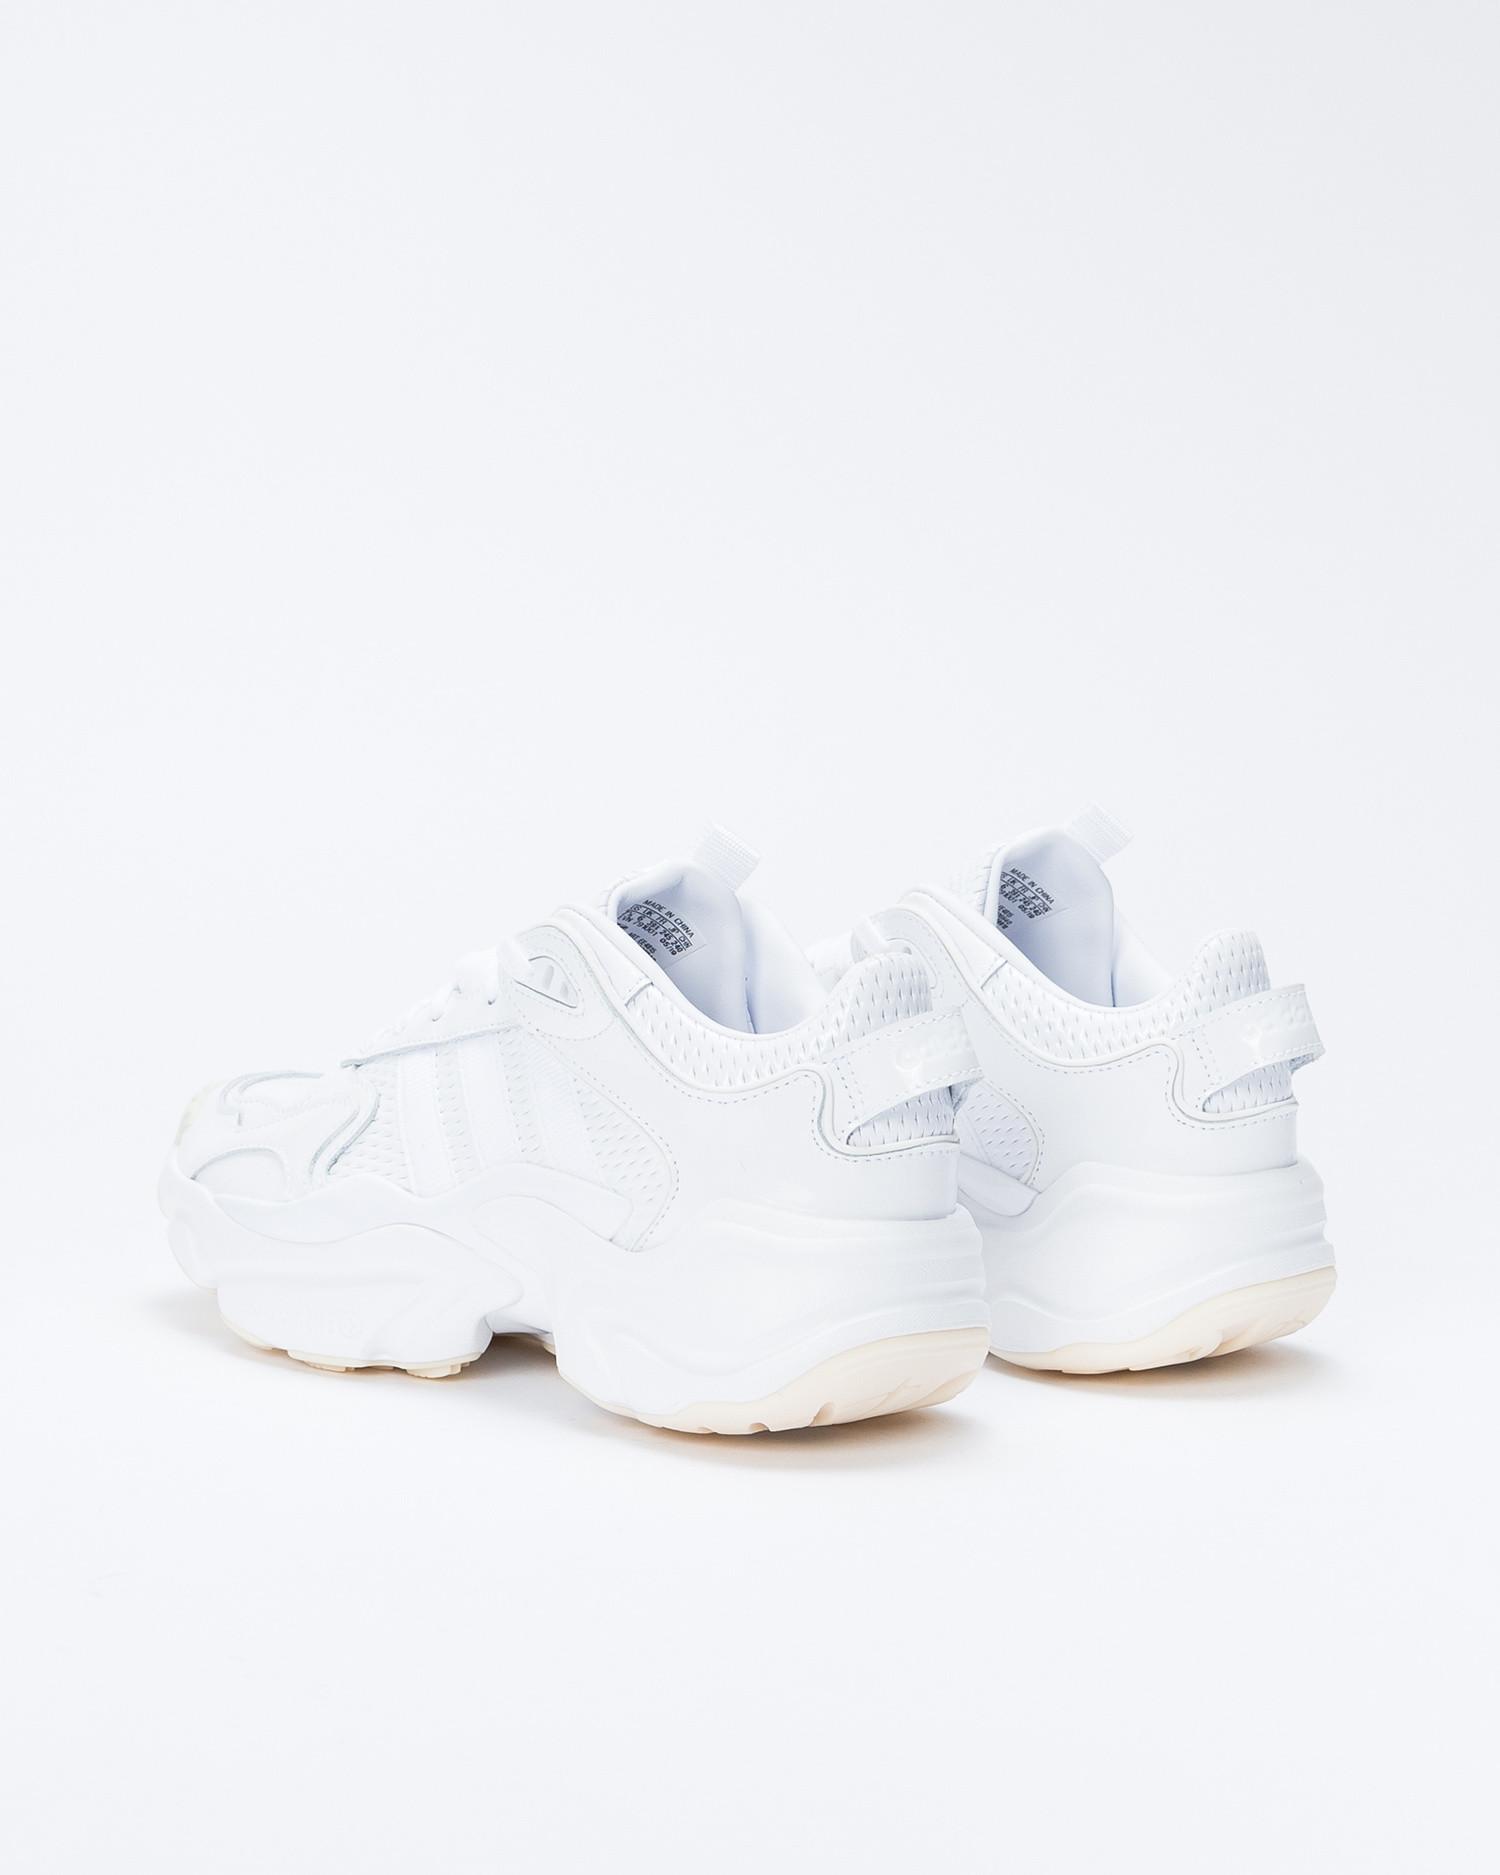 adidas Magmur Runner W Ftwwht/Ftwwht/Cblack